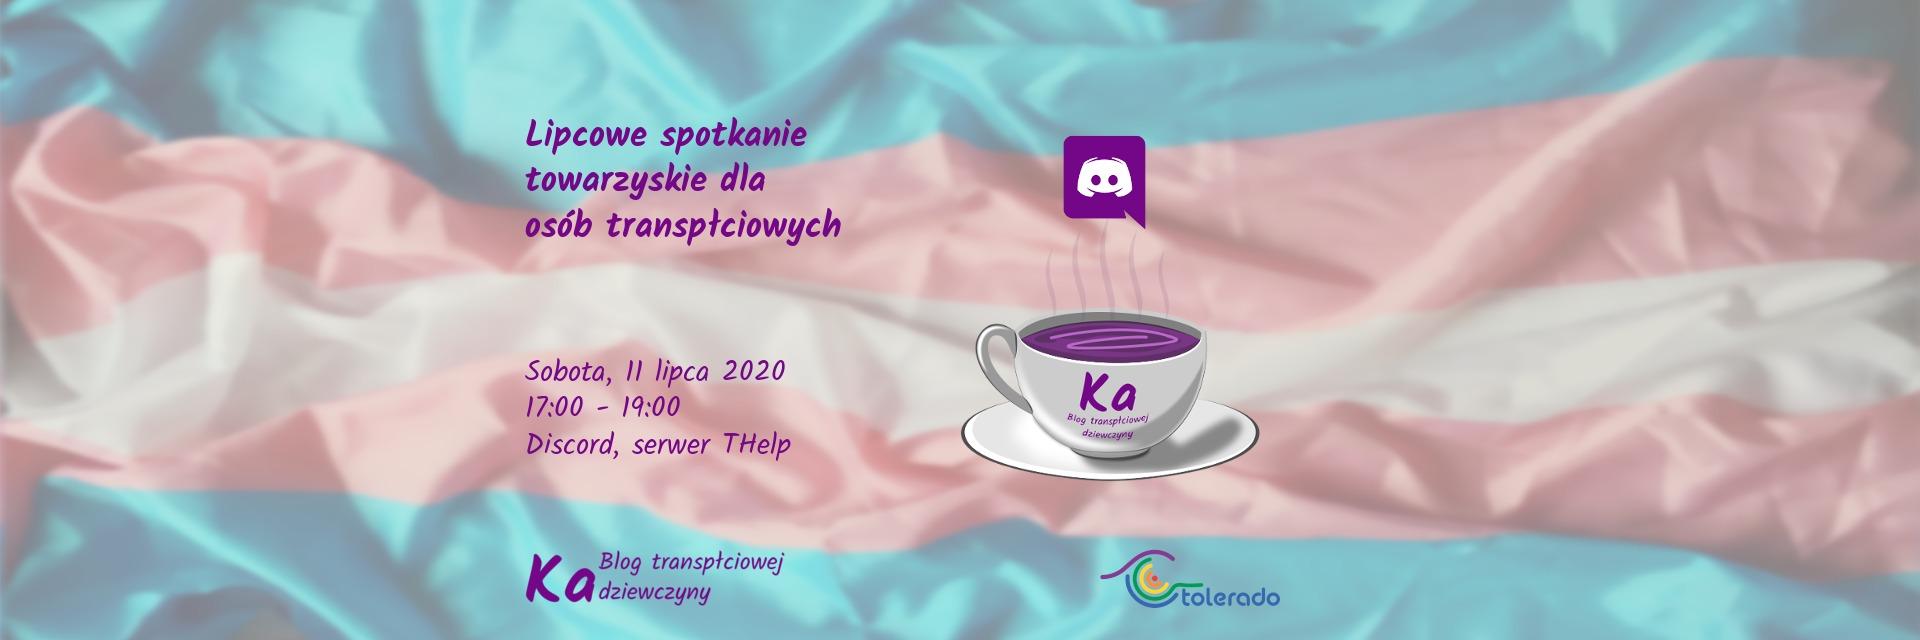 Lipcowe spotkanie towarzyskie dla osób transpłciowych, 11.07.2020